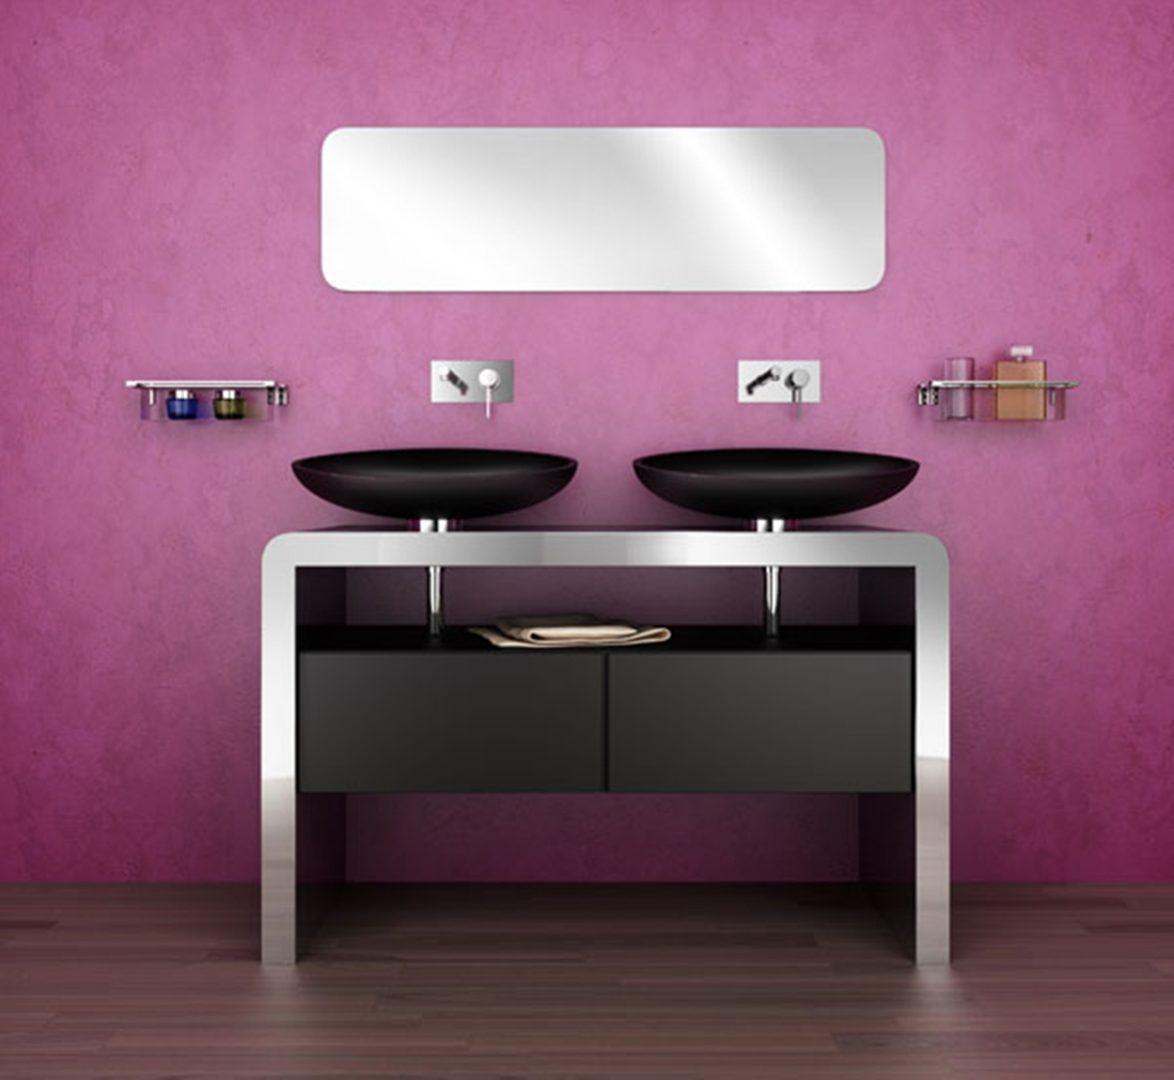 Muebles para lavabo modernos im genes y fotos - Lavabos con muebles ...